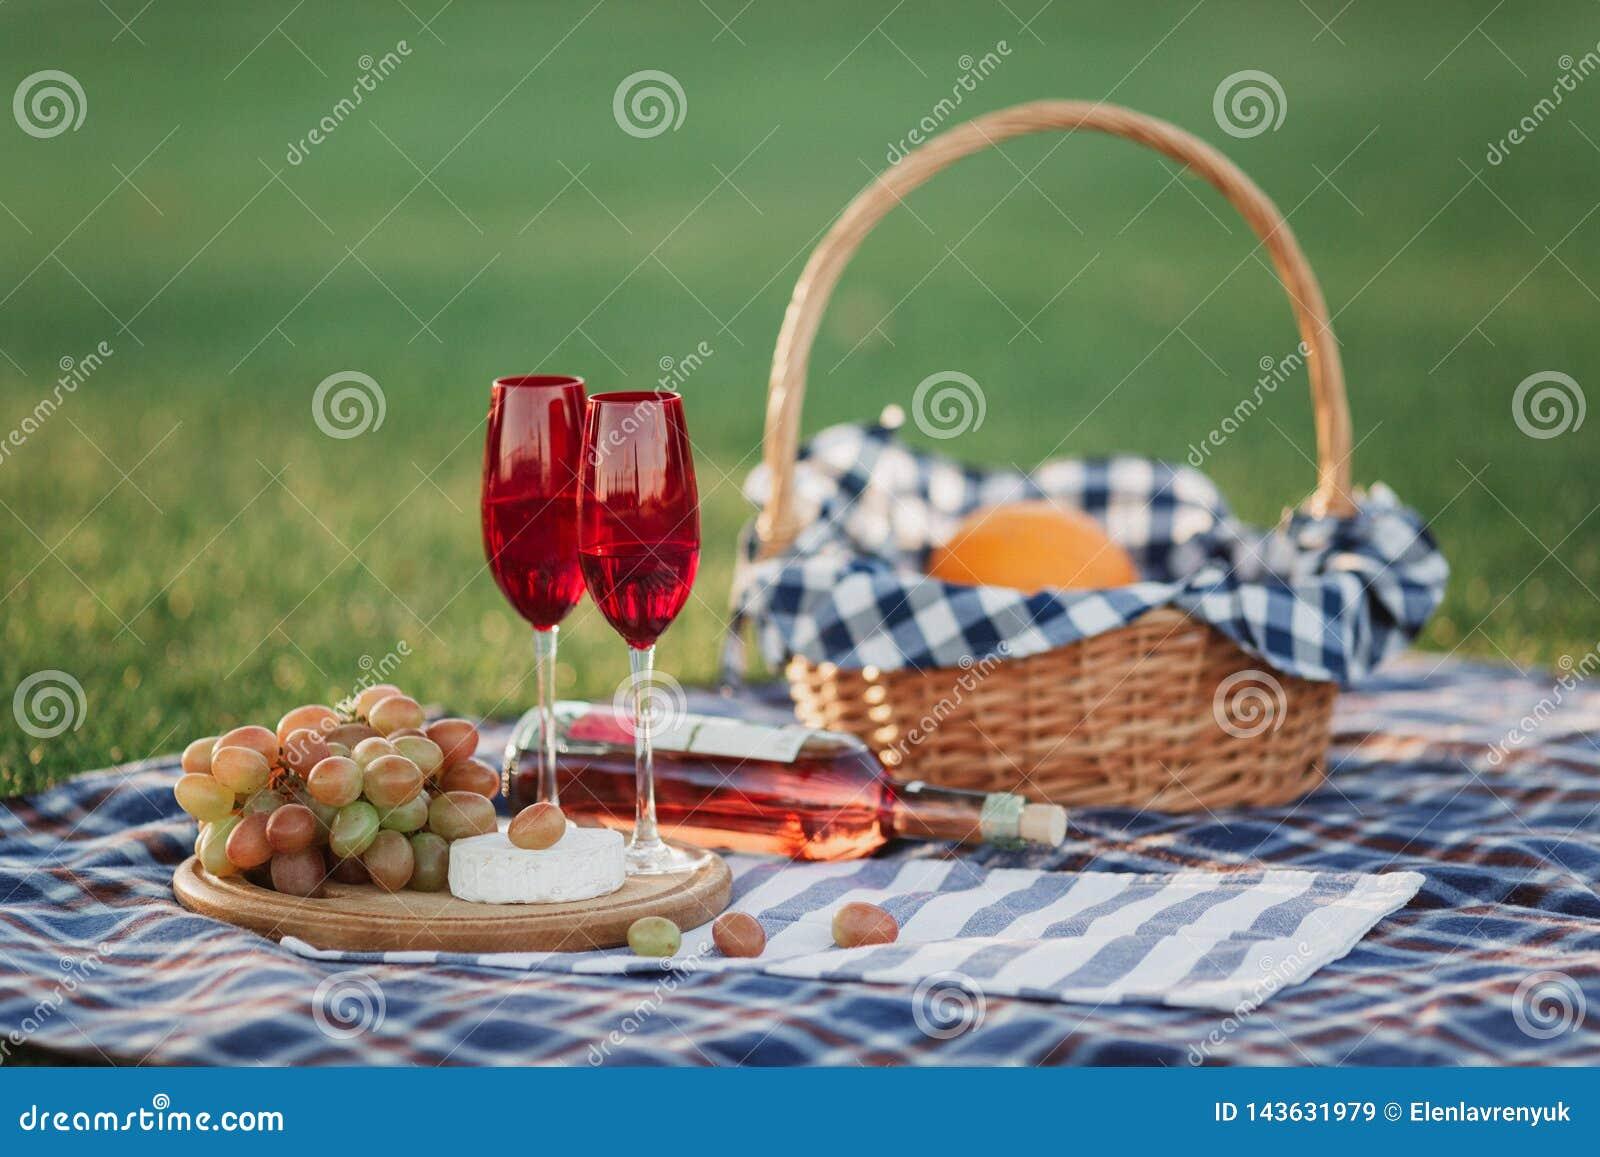 Корзина пикника с напитками, едой и плодом на снаружи зеленой травы в парке лета